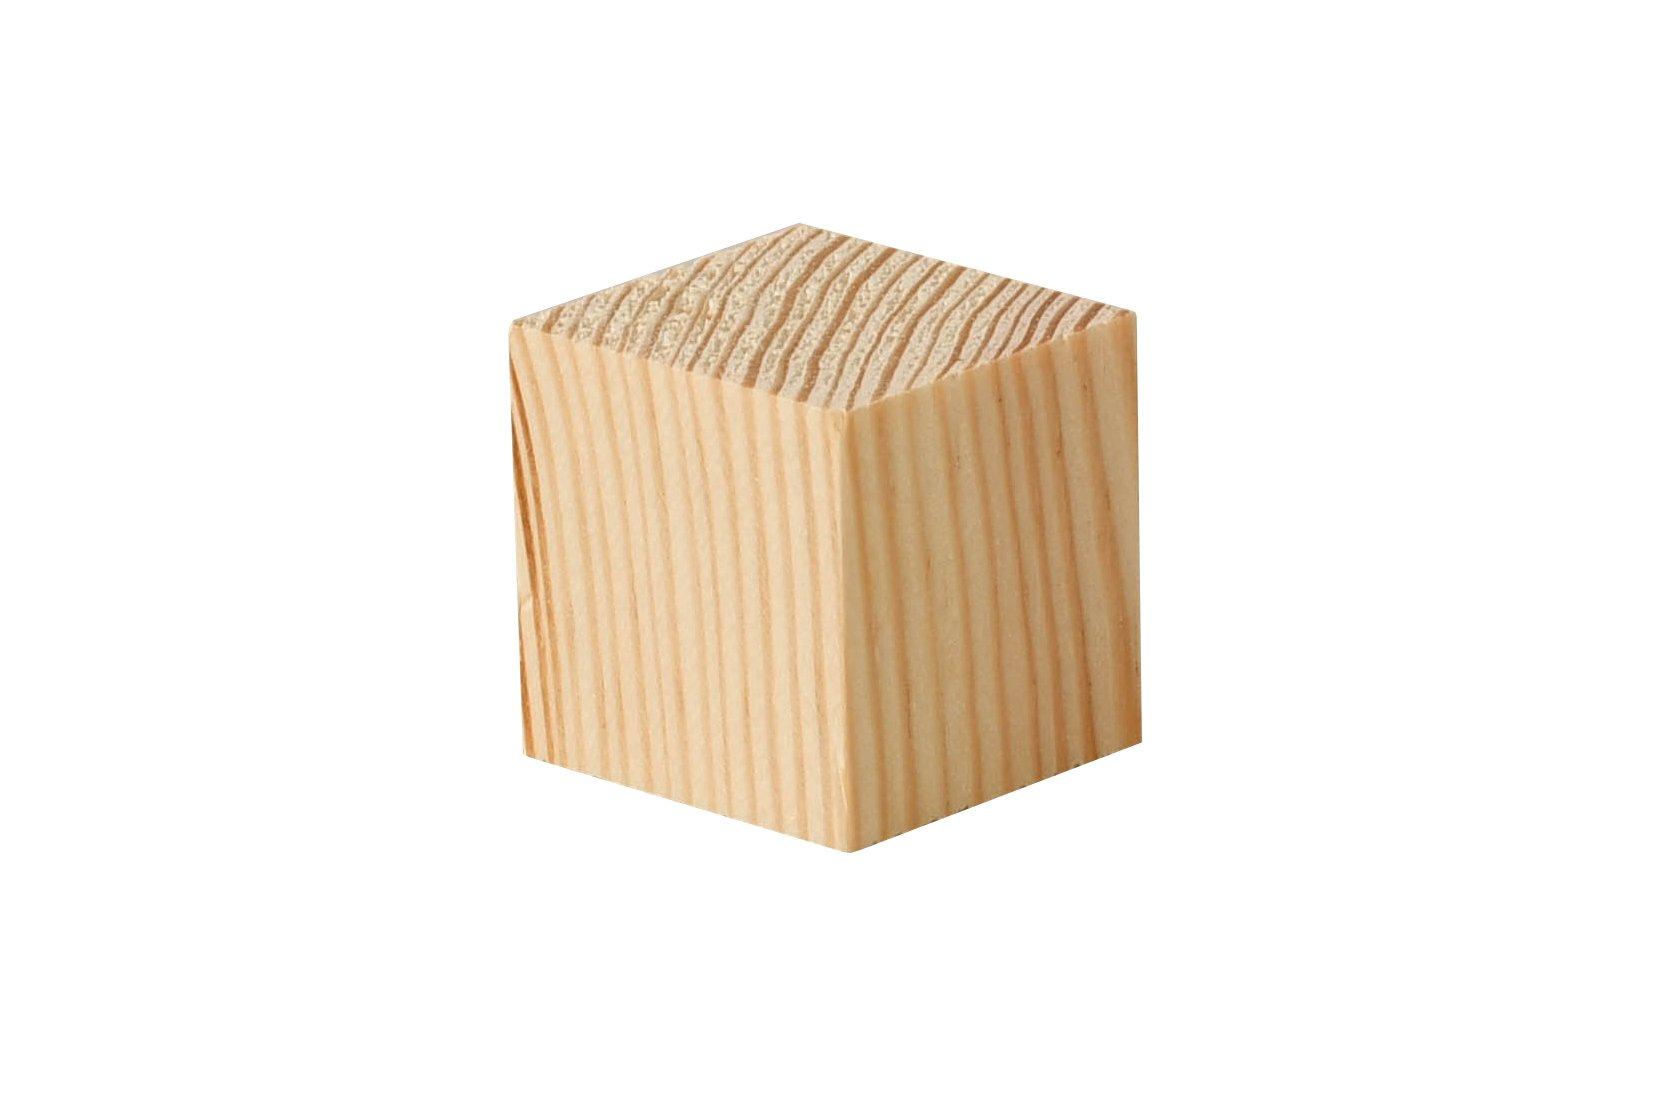 Cubes en bois sapin - 50 pces, 3x3x3 cm